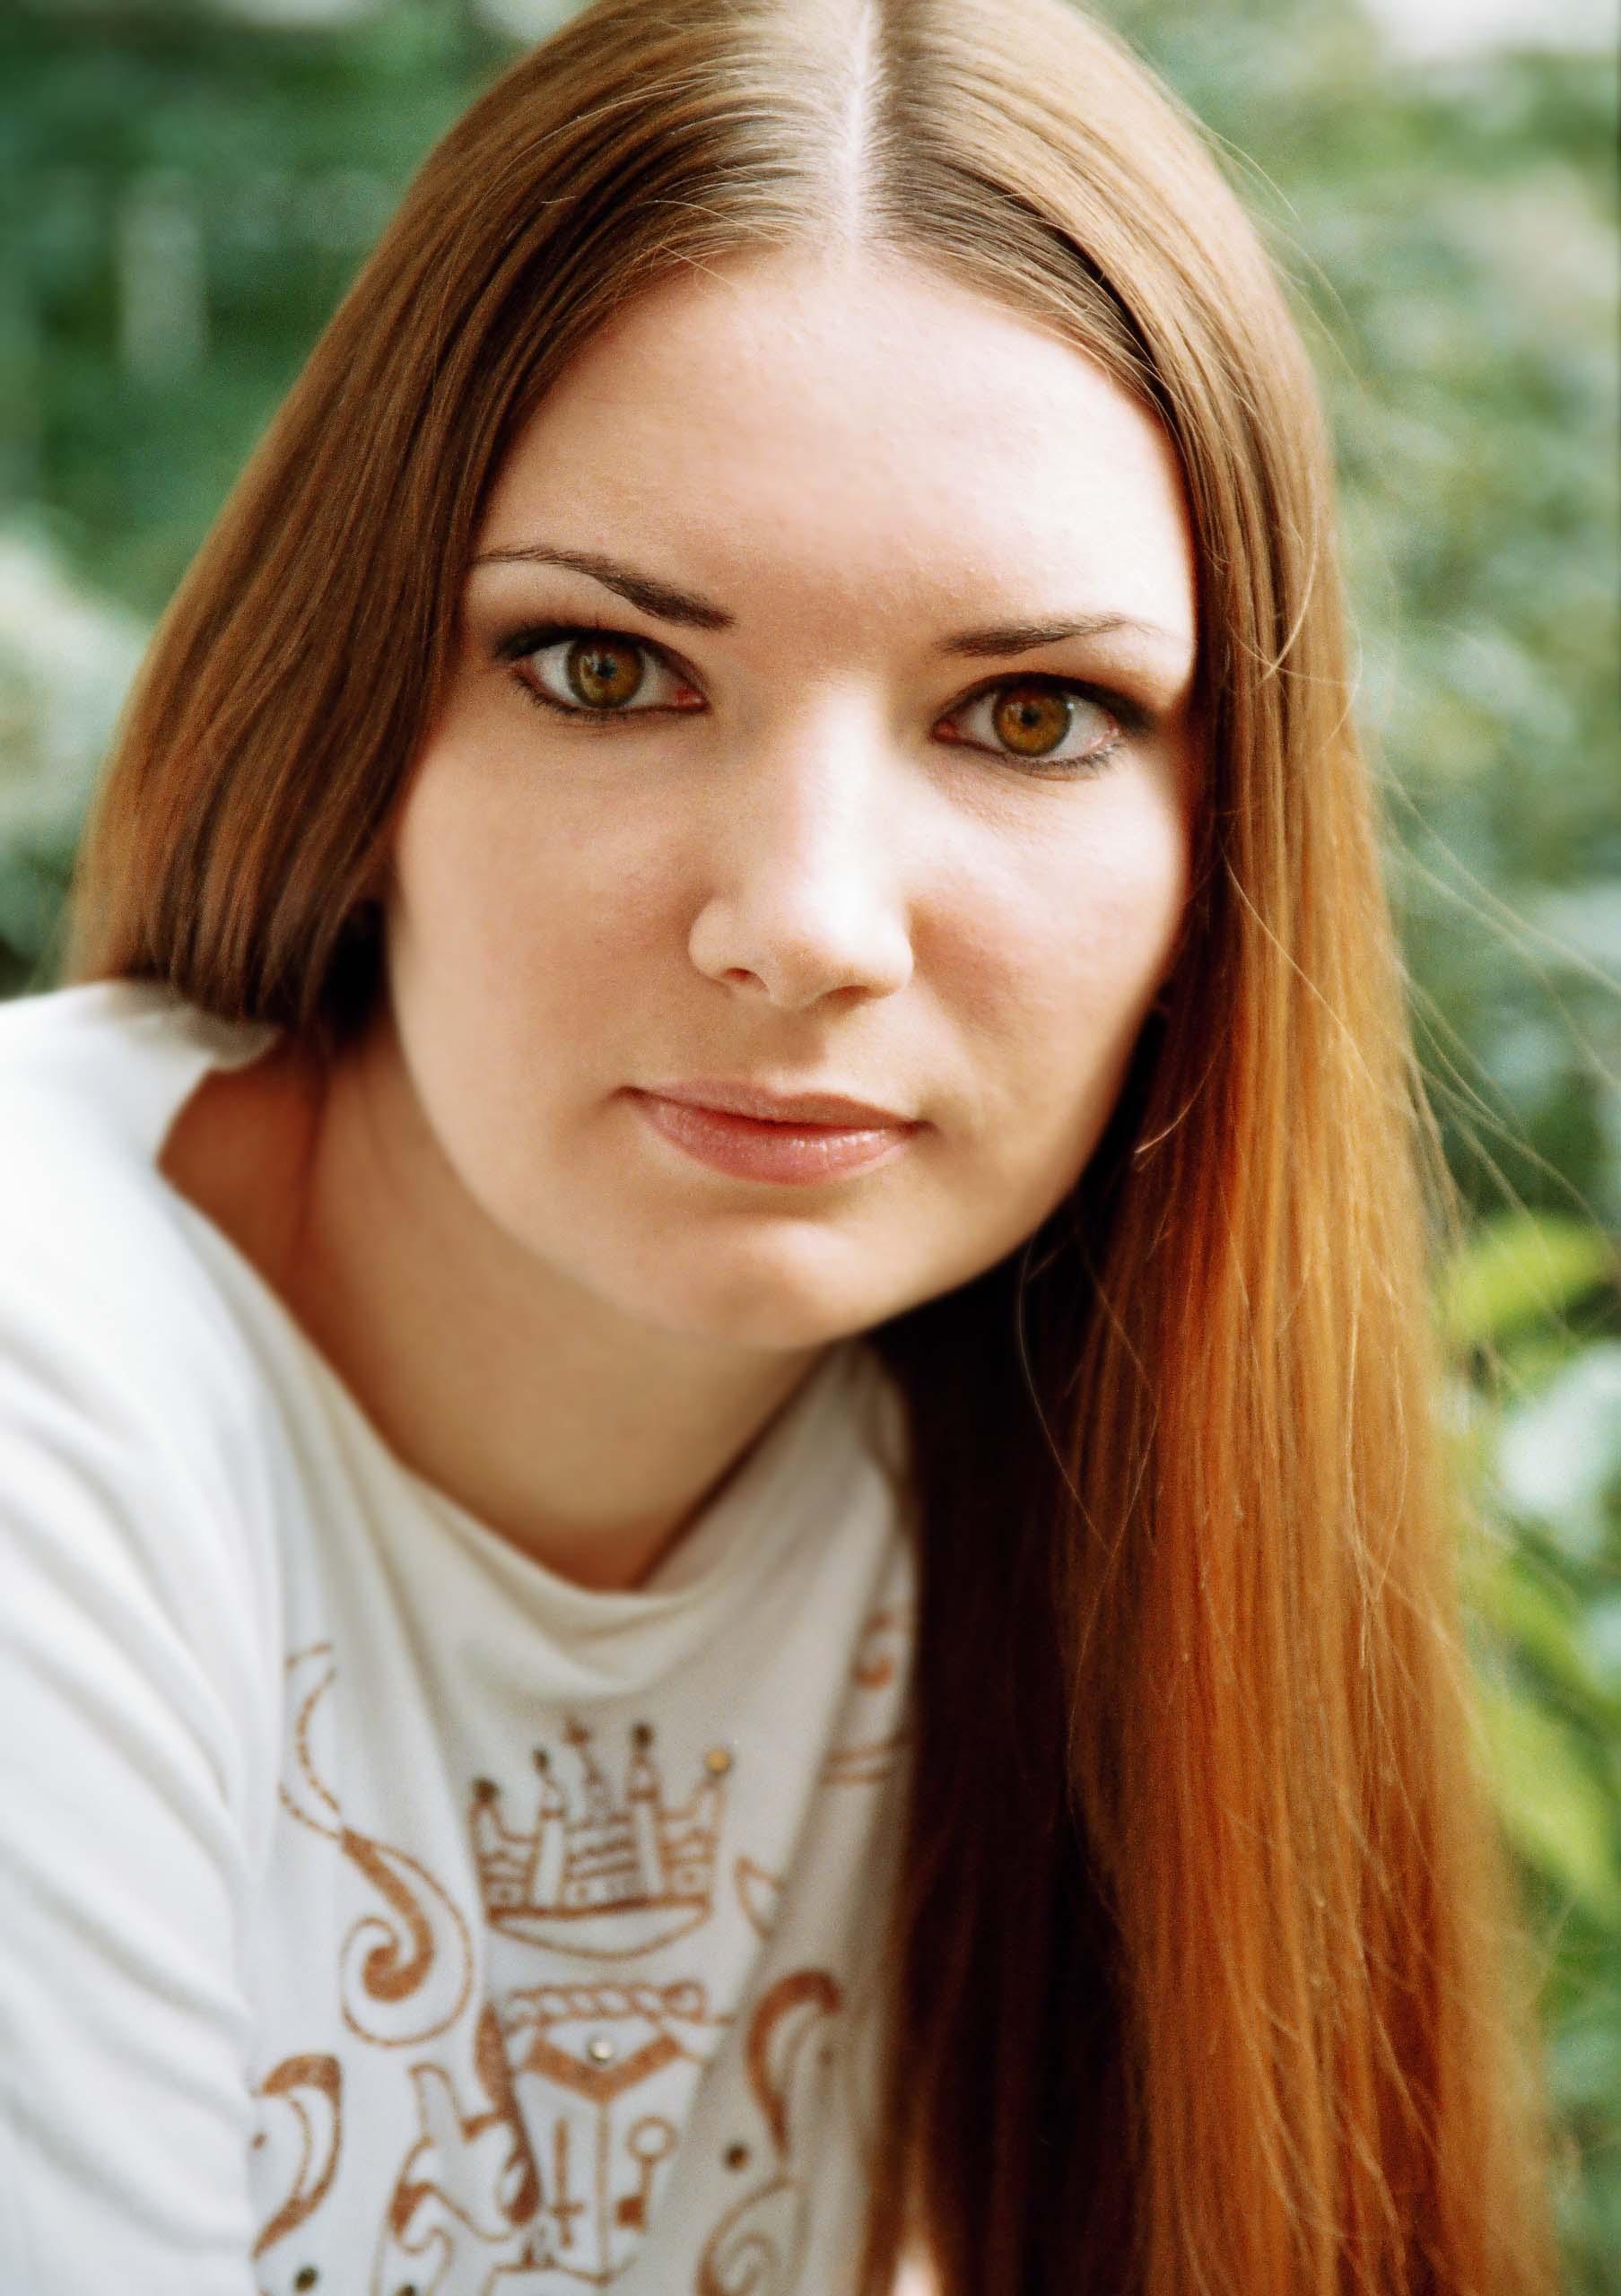 Красивые девушки воронежа 16 фотография